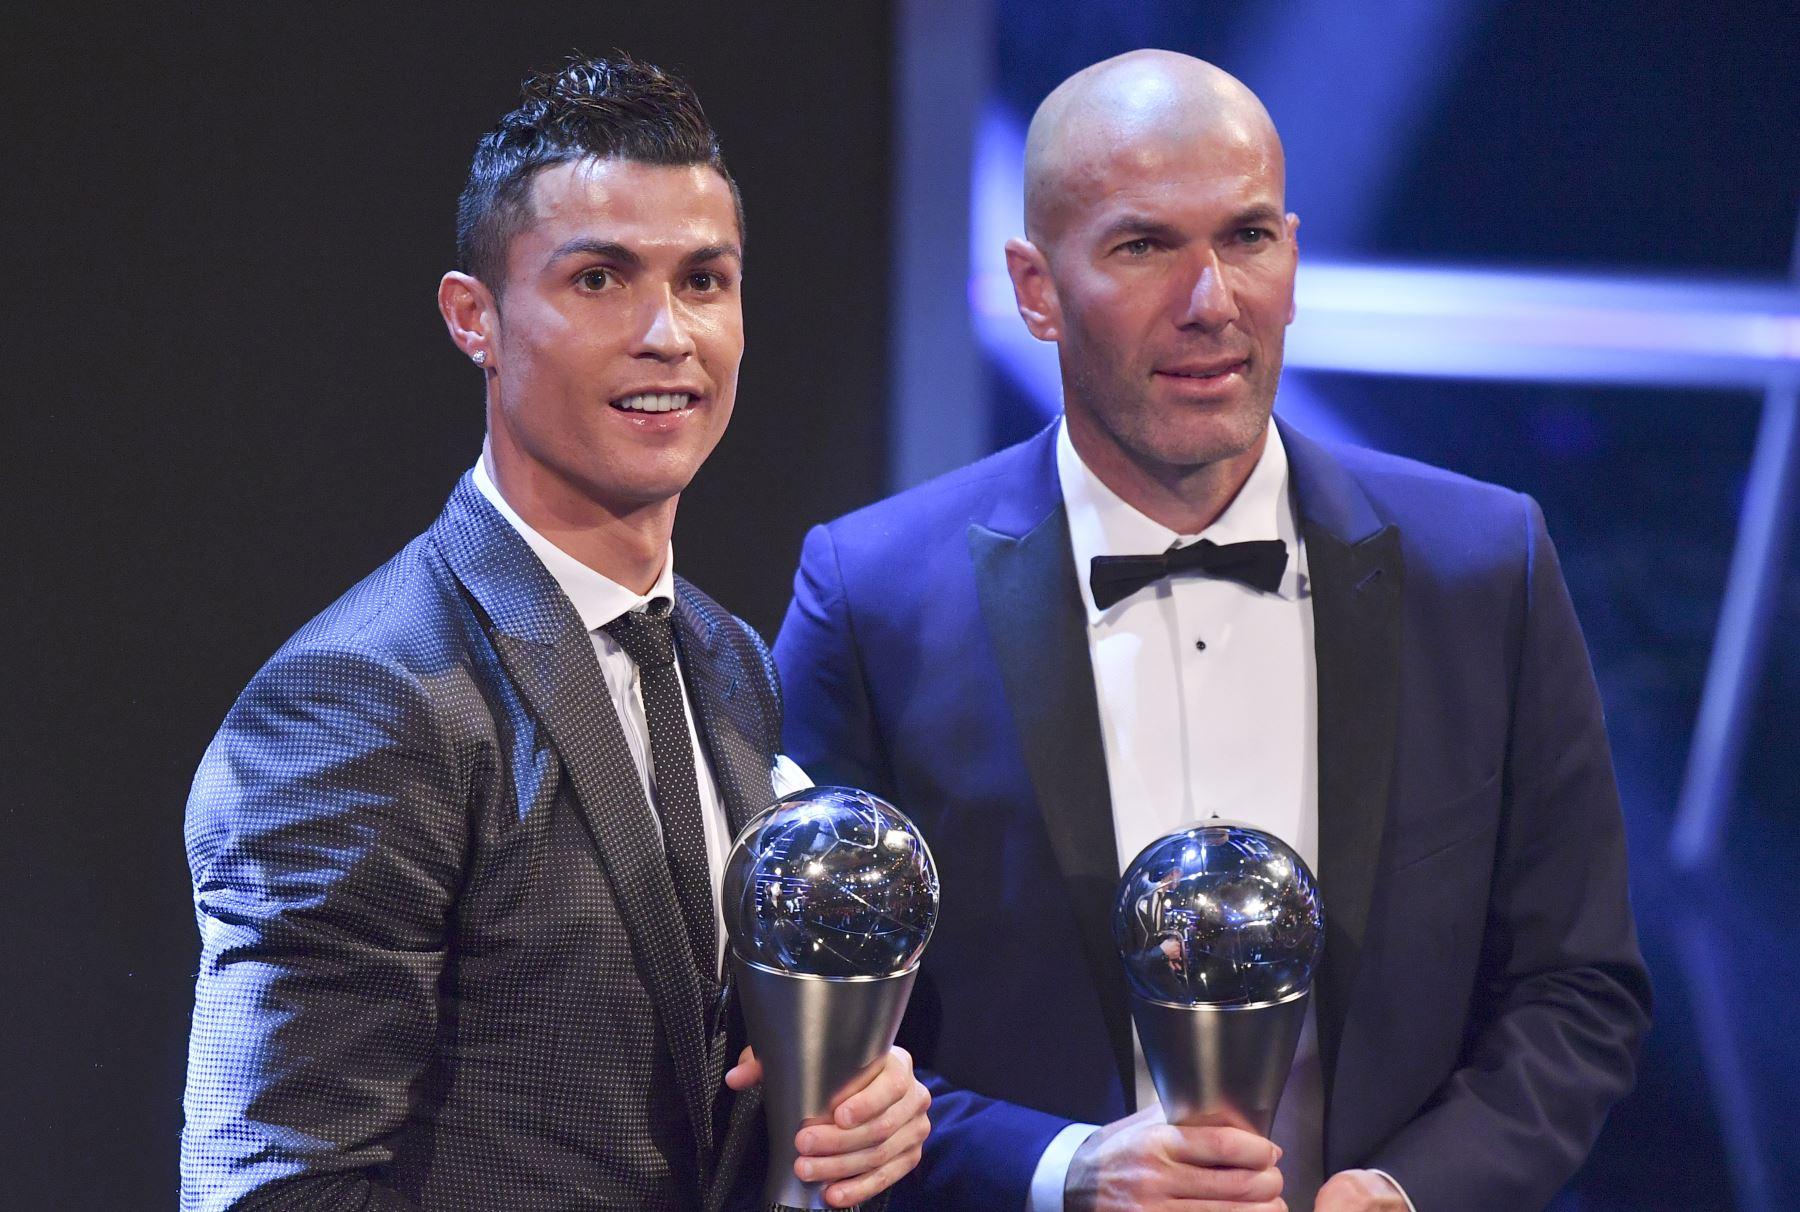 Cristiano Ronaldo y Zinedine Zidane,durante la ceremonia de entrega de premios FIFA 2017, a mejor jugador y entrenador.Foto.AFP